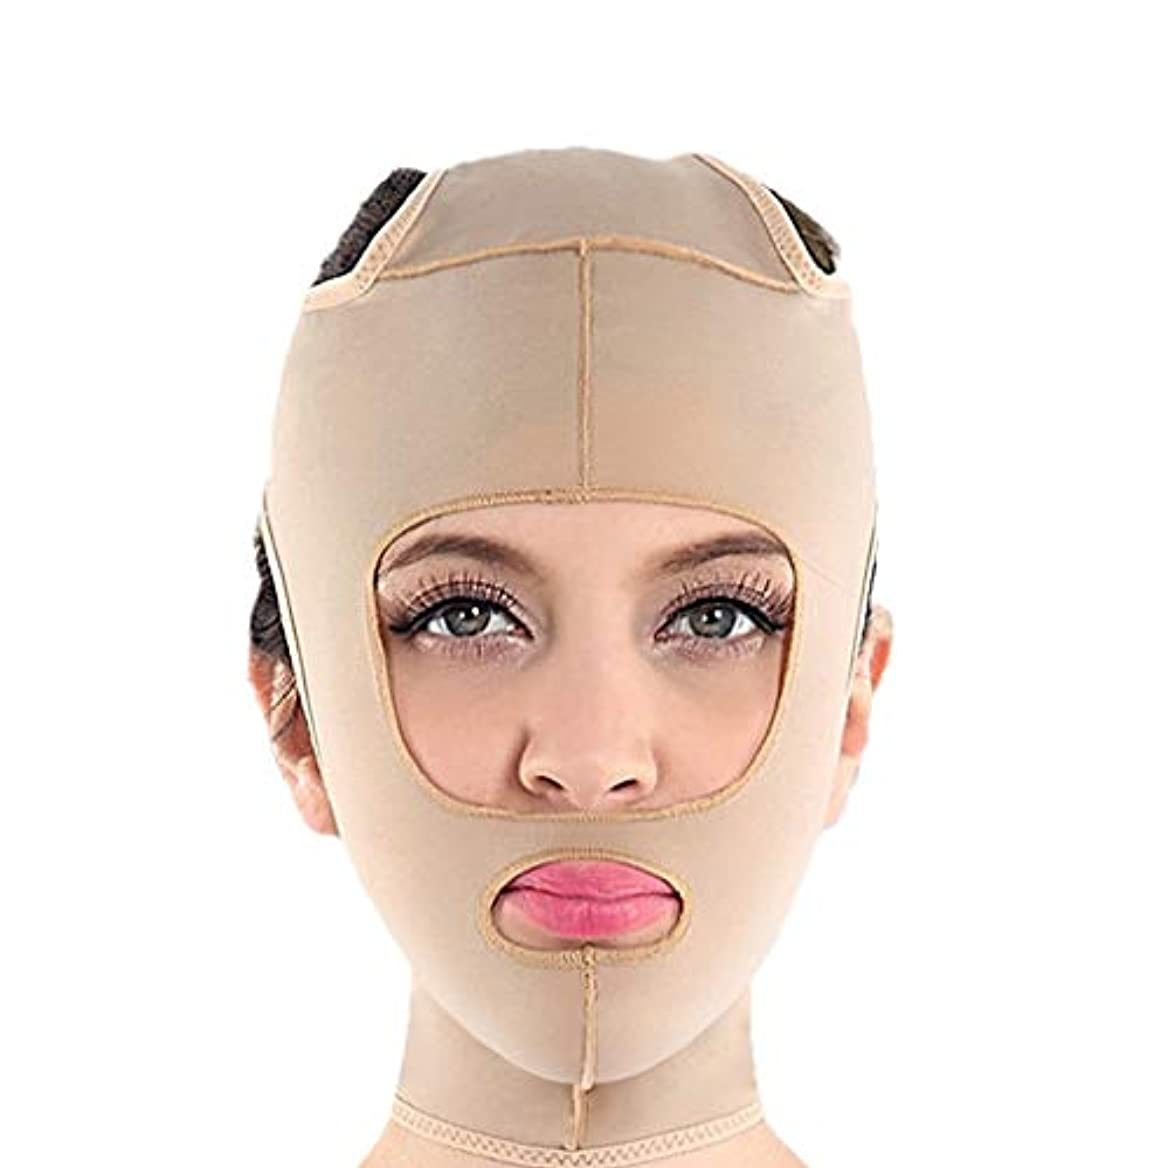 窒素郵便物示すXHLMRMJ フェイスリフティング、ダブルチンストラップ、フェイシャル減量マスク、ダブルチンを減らすリフティングヌードル、ファーミングフェイス、パワフルリフティングマスク (Size : L)